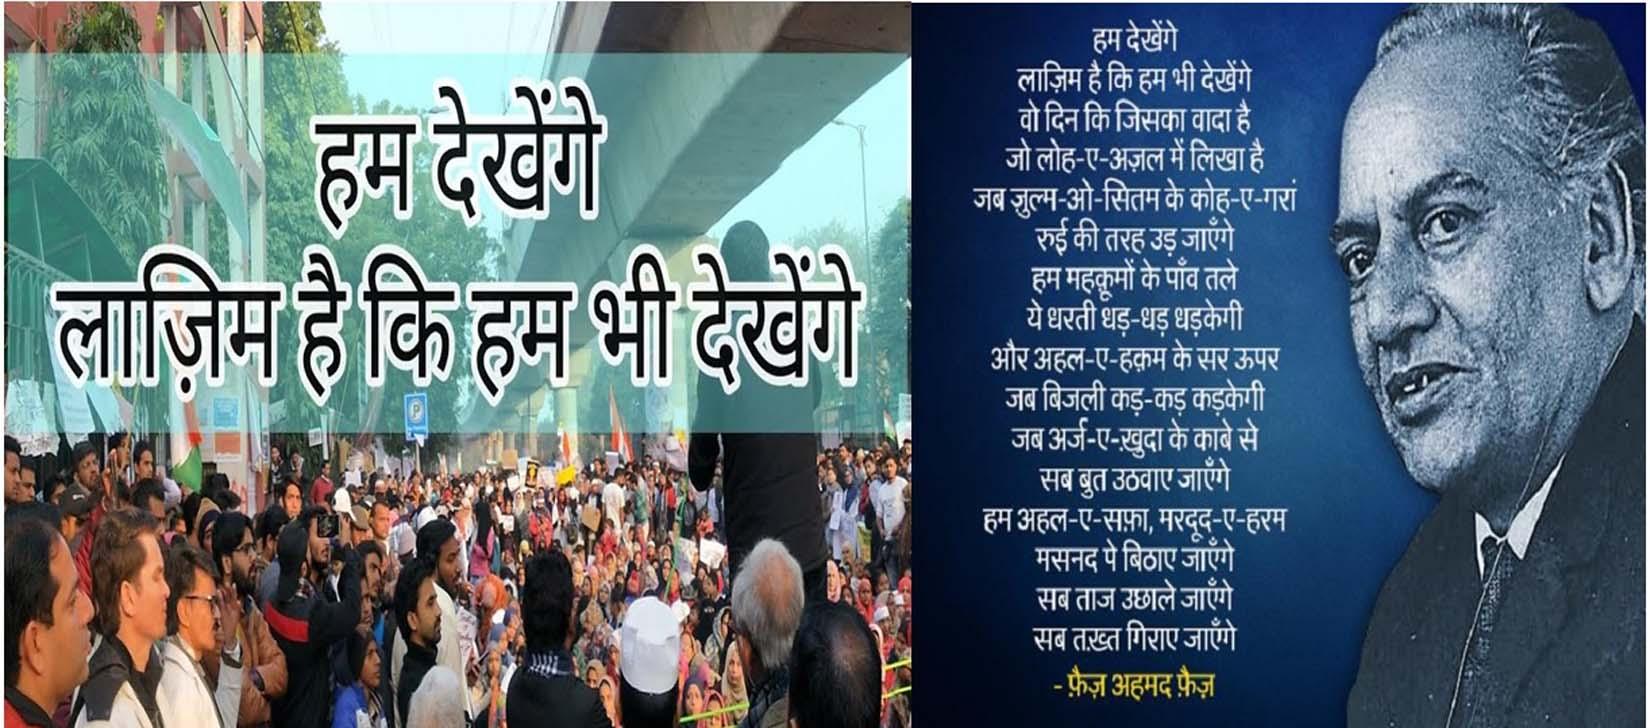 हम भी देखेंगे कि 'लाज़िम है कि हम भी देखेंगे' हिन्दू विरोधी तो नहीं :  IIT कानपुर।